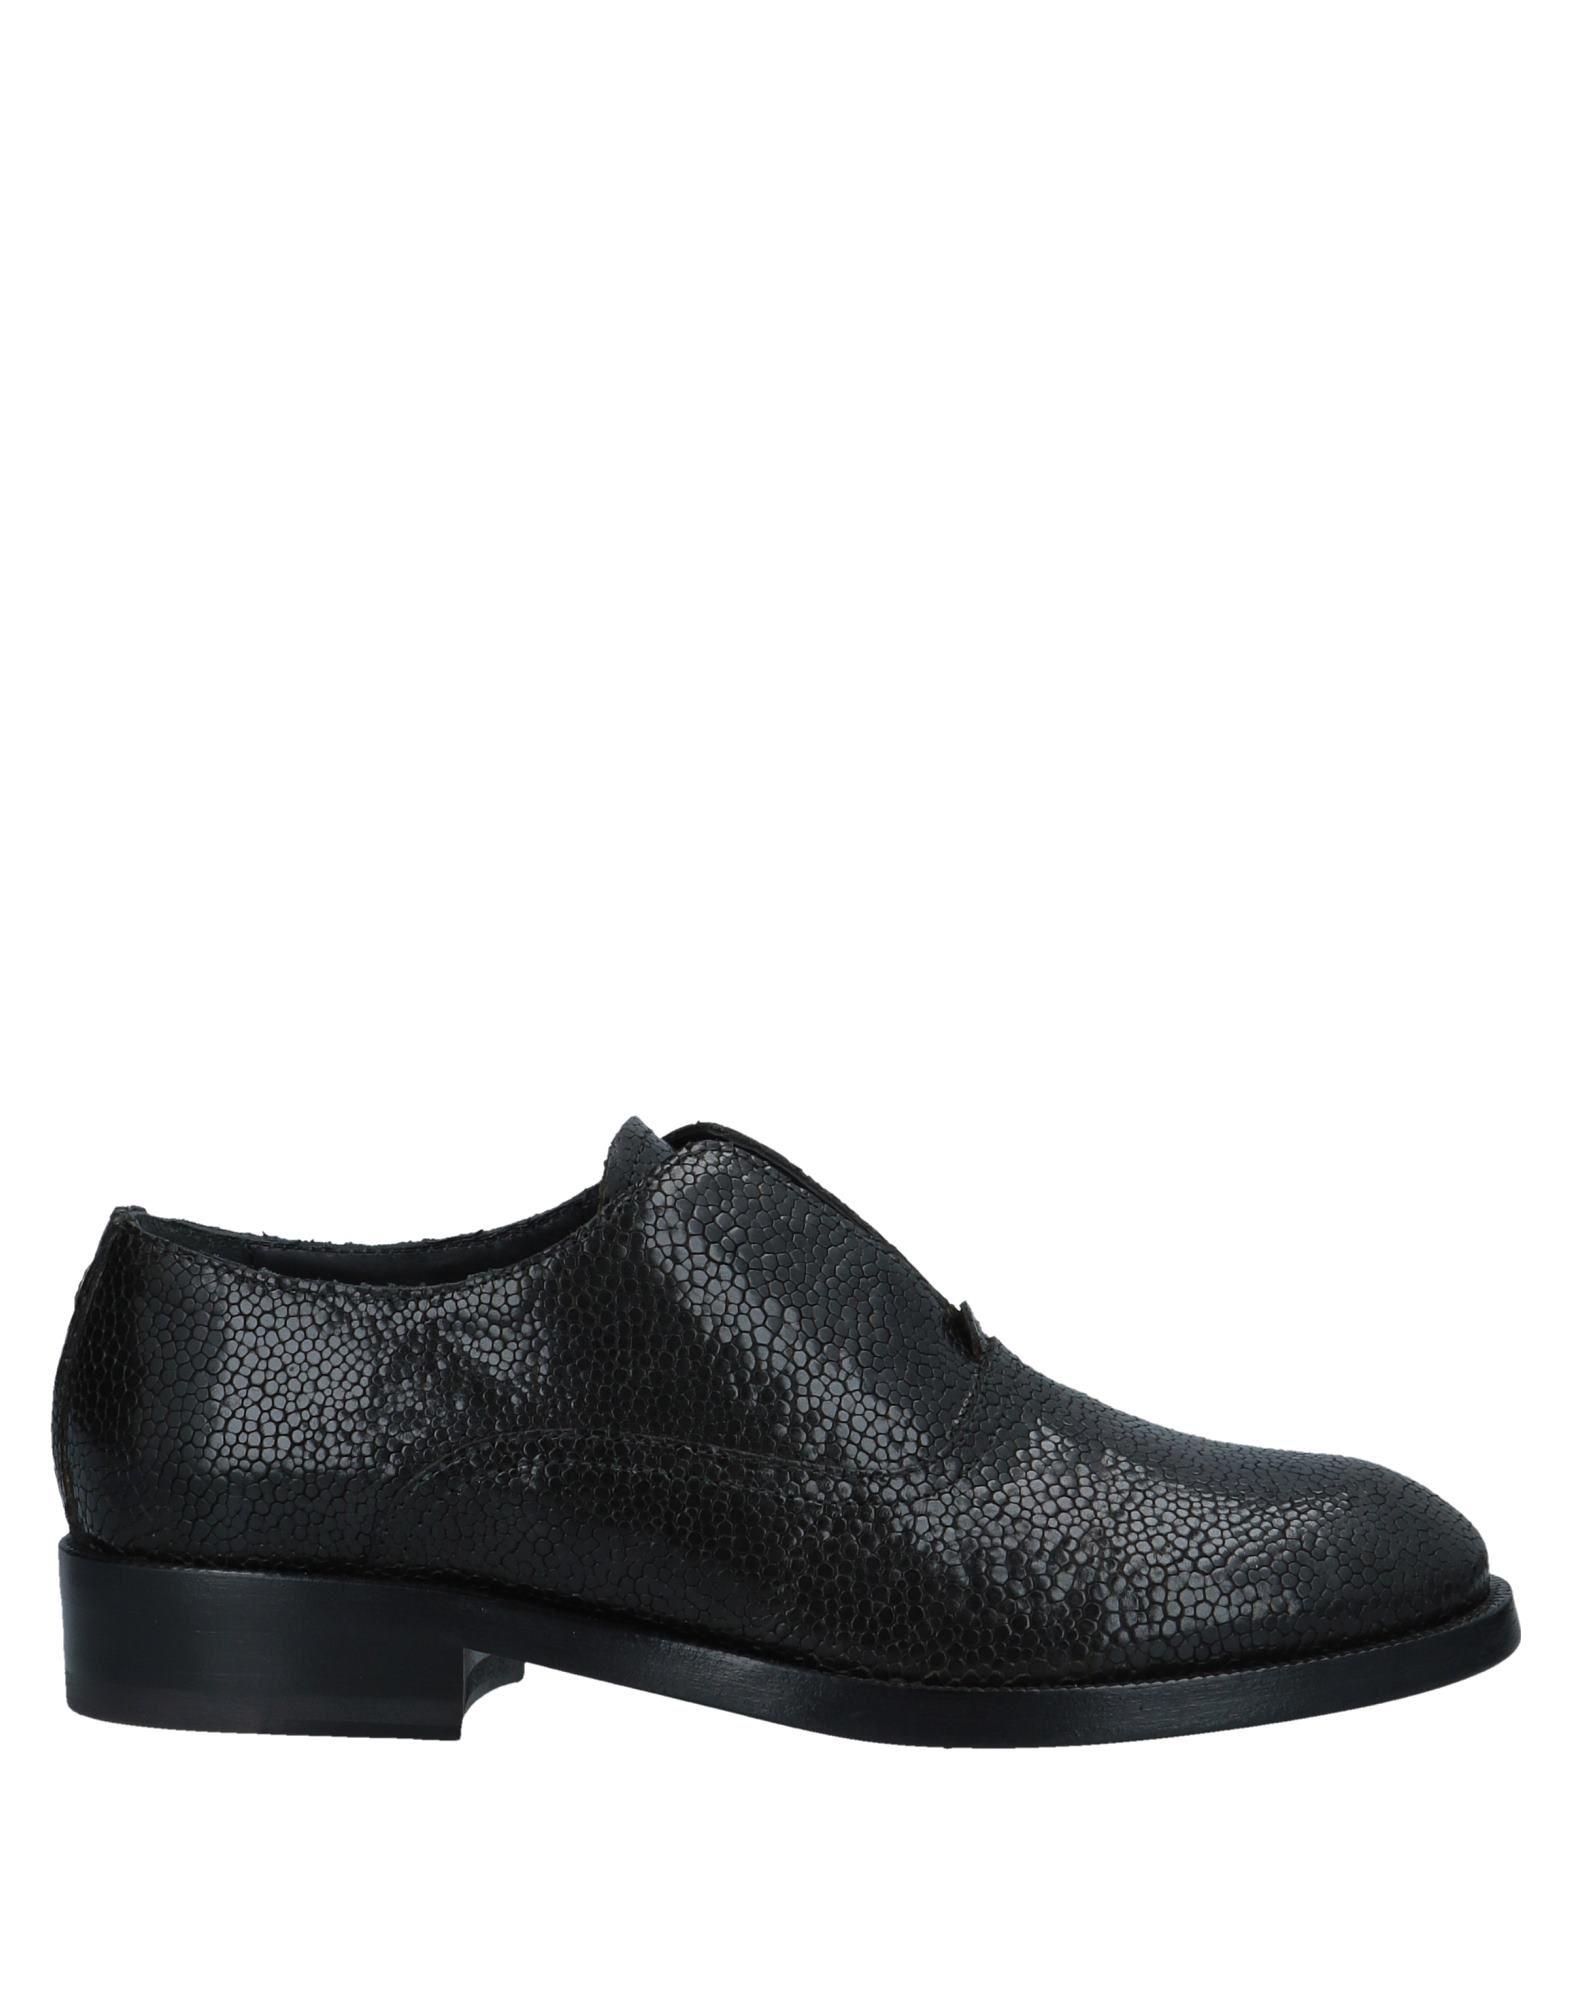 Buttero® Mokassins Damen  Schuhe 11322097VJ Gute Qualität beliebte Schuhe  16cc57